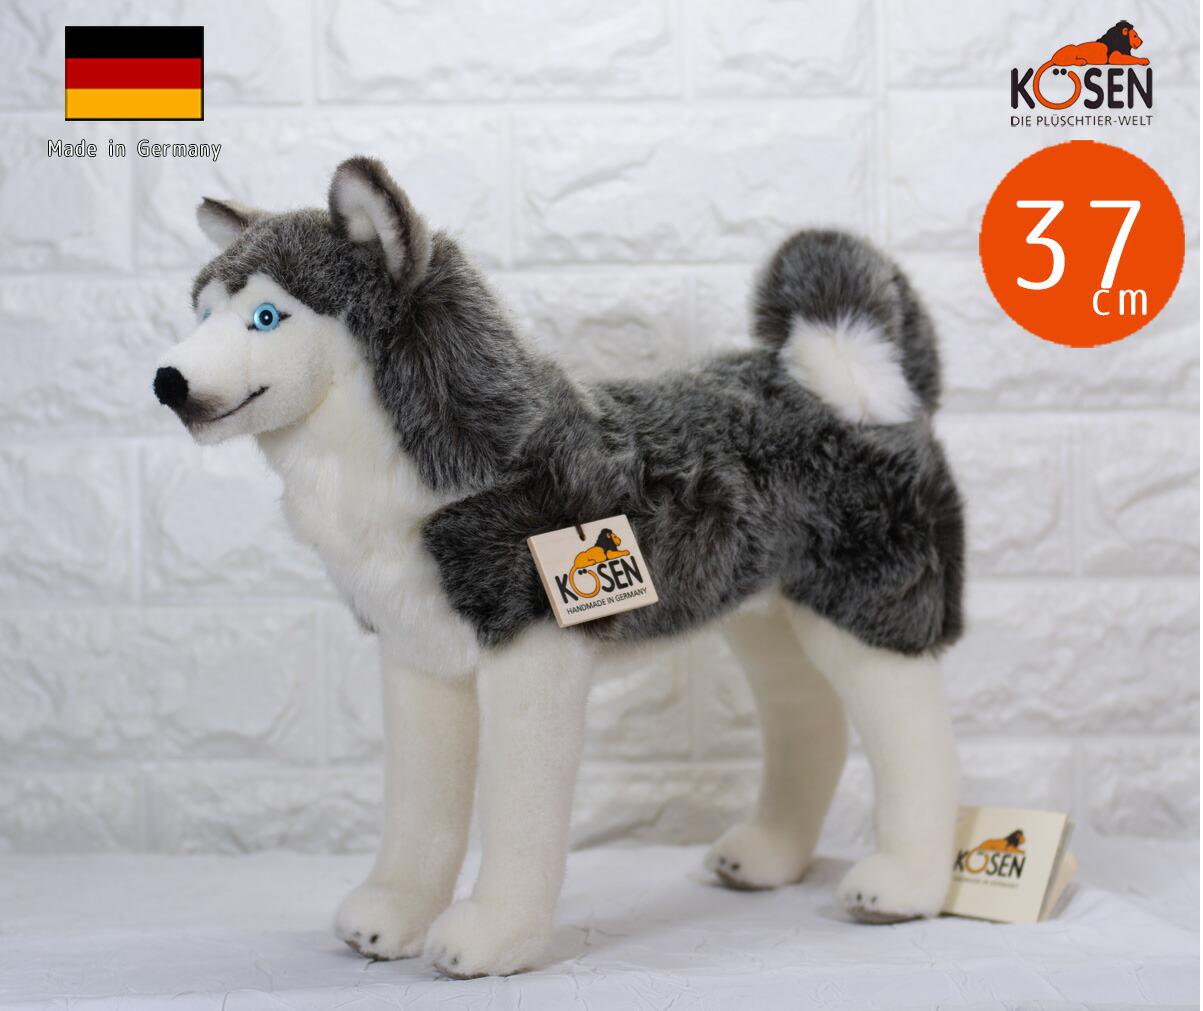 ケーセン ぬいぐるみ kosen ハスキー(立ち) 37cm 犬 いぬ リアル 動物